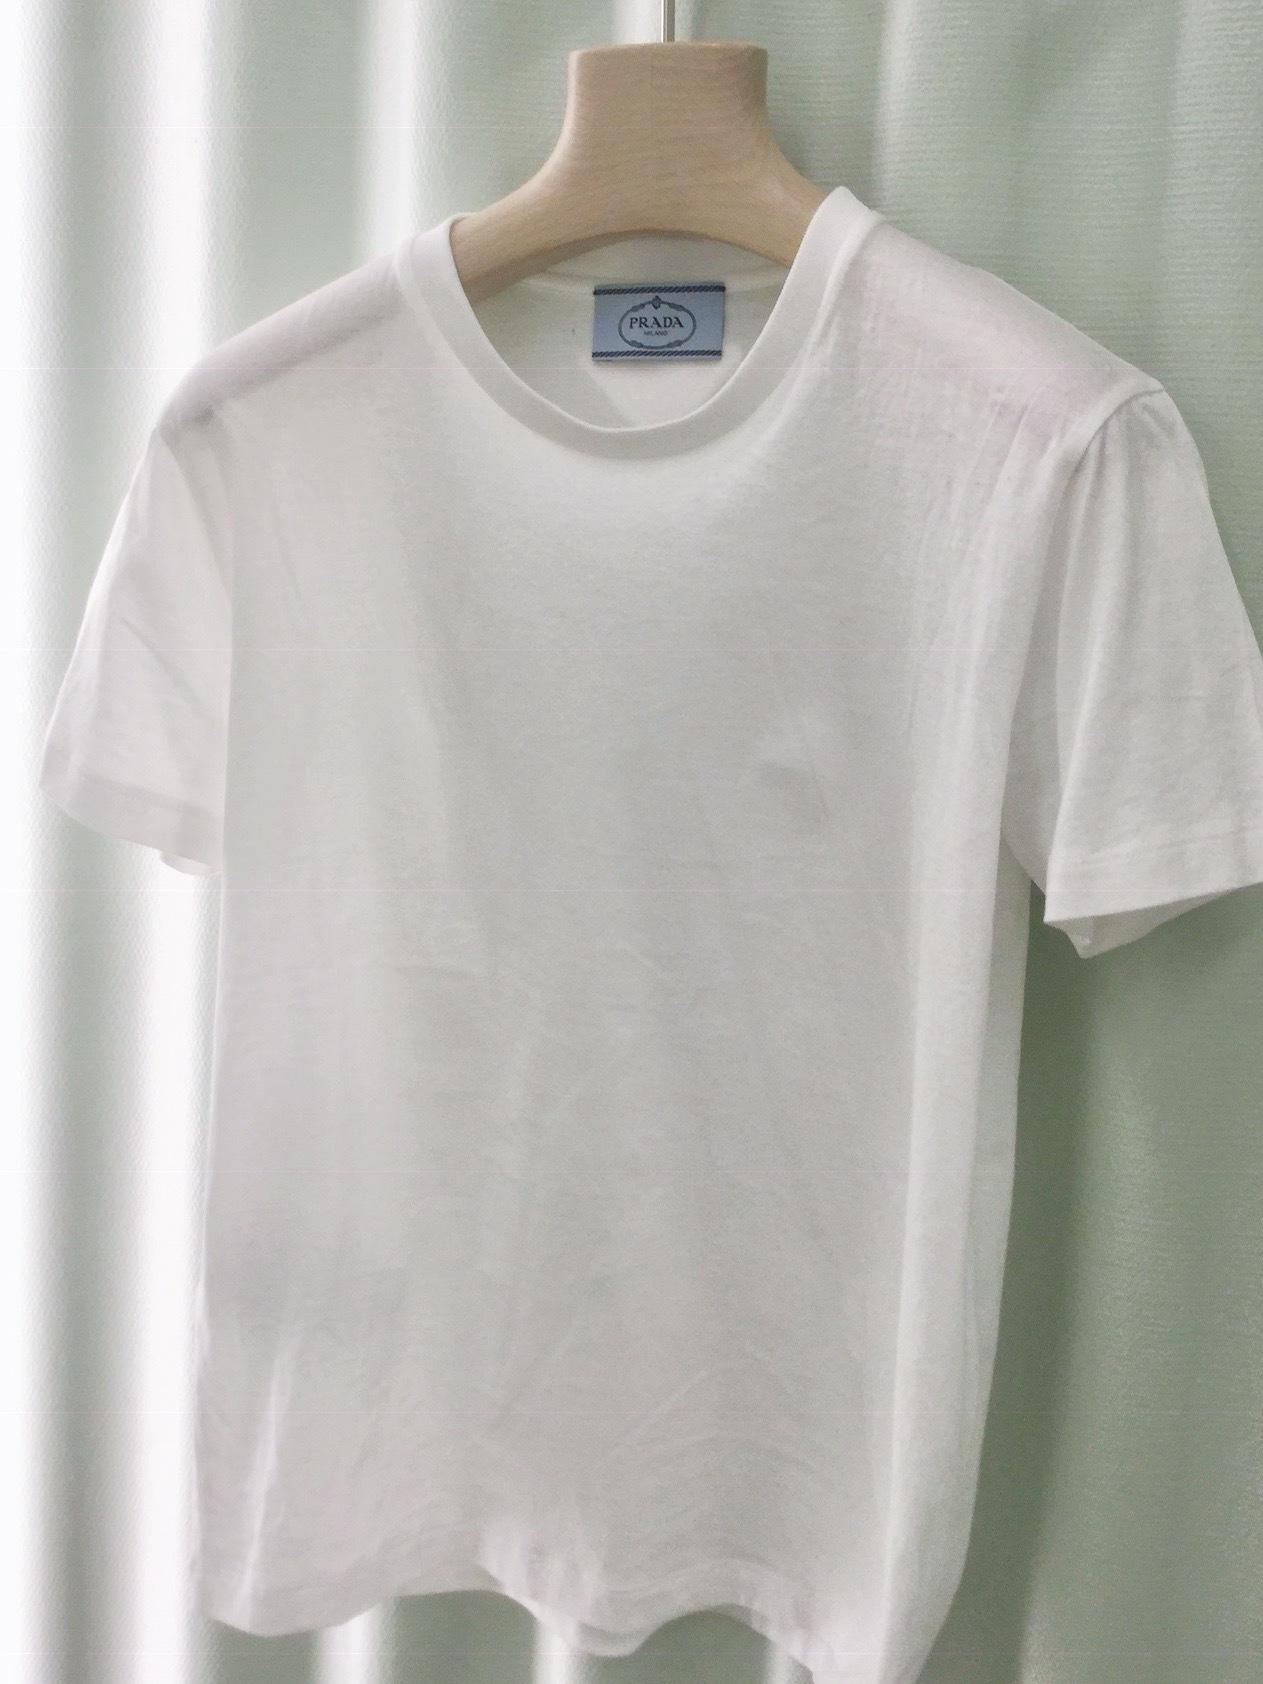 白いものは、あくまでも白く_b0210699_22263060.jpeg